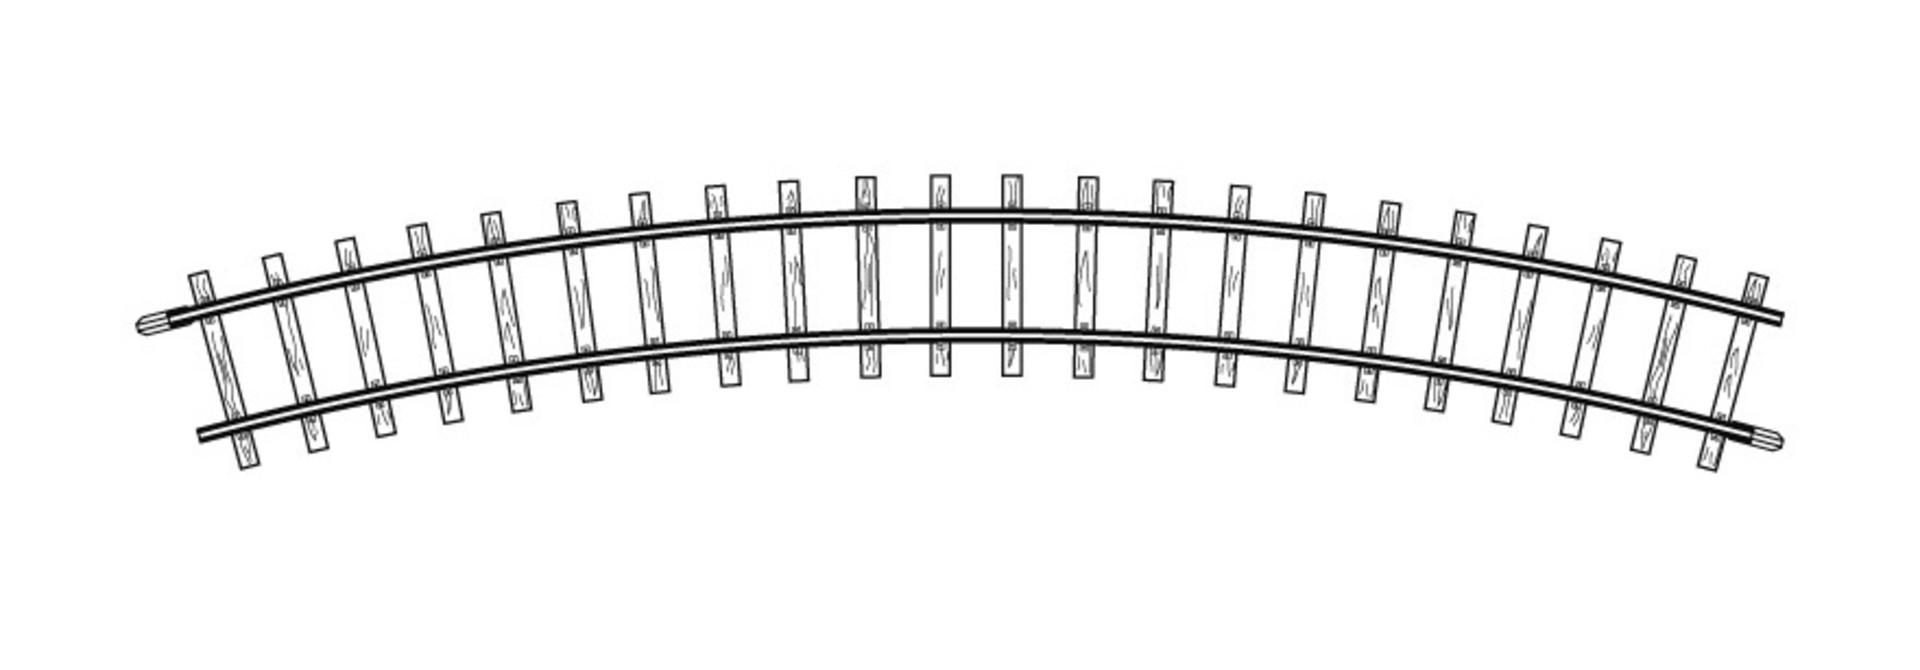 4230000 H0m gebogenes Gleis, R 330 mm, 30°, VPE 10 Stck.